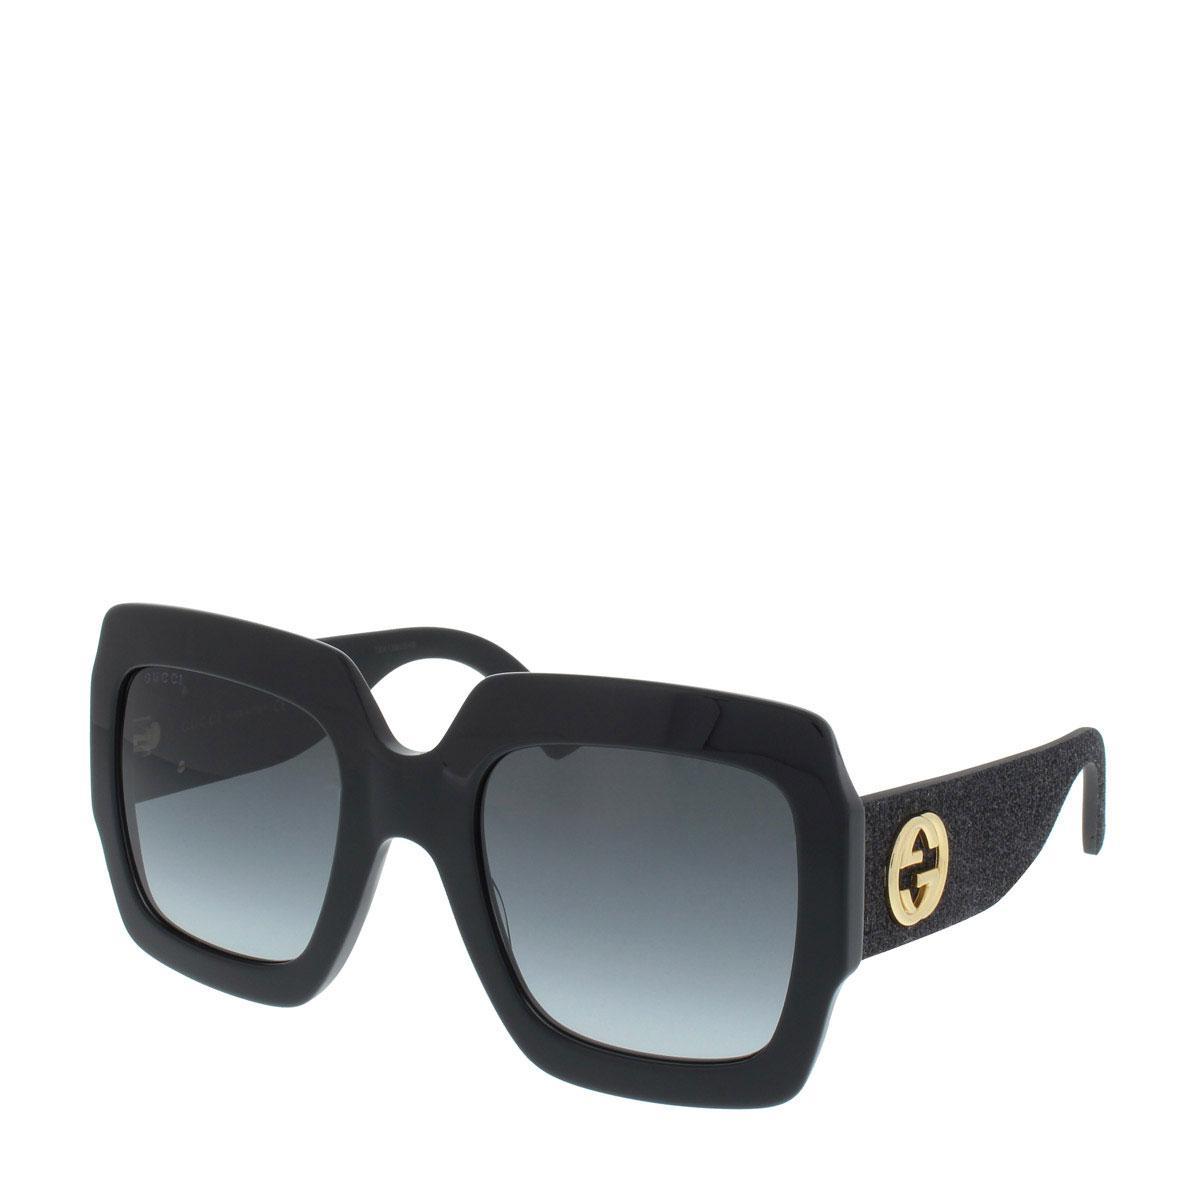 91e6210d18 Gucci GG0102S 001 54 - Save 4% - Lyst